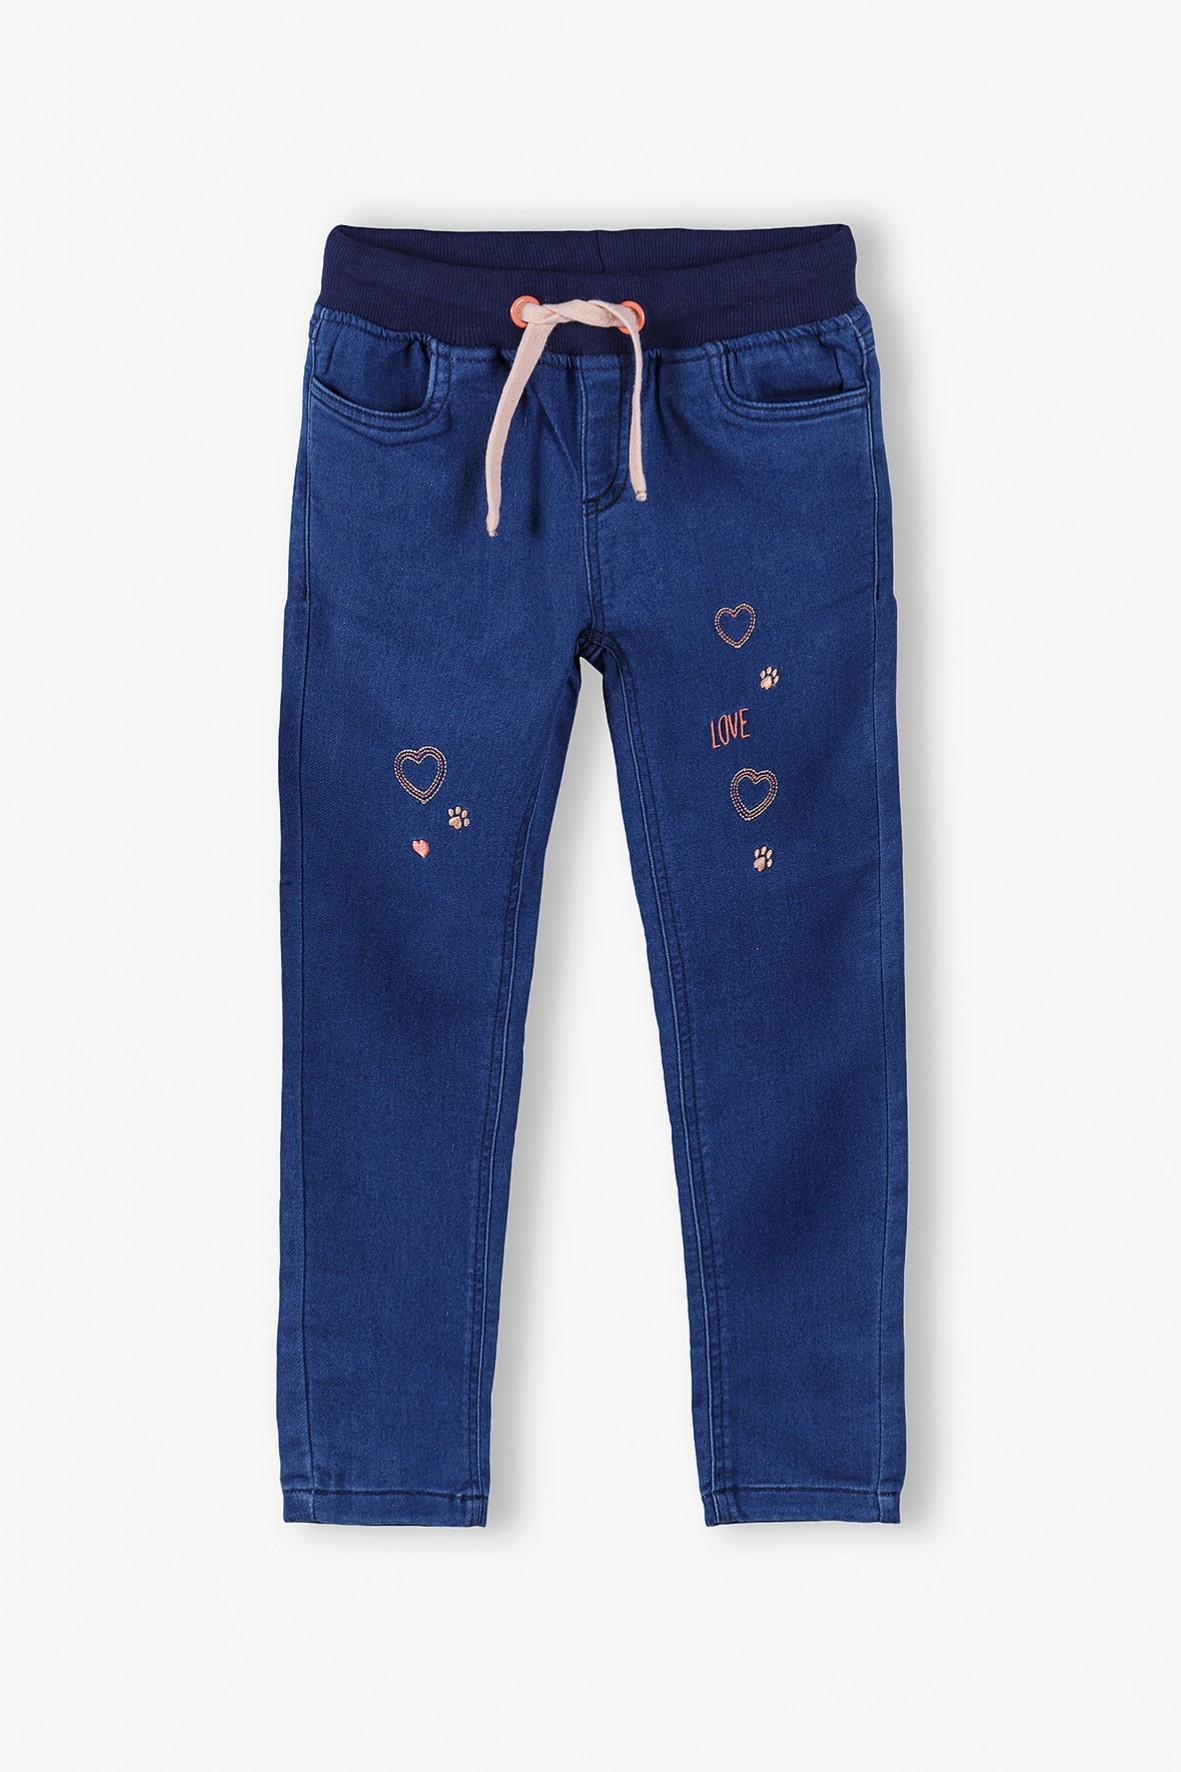 Spodnie dziewczęce w serduszka - granatowe